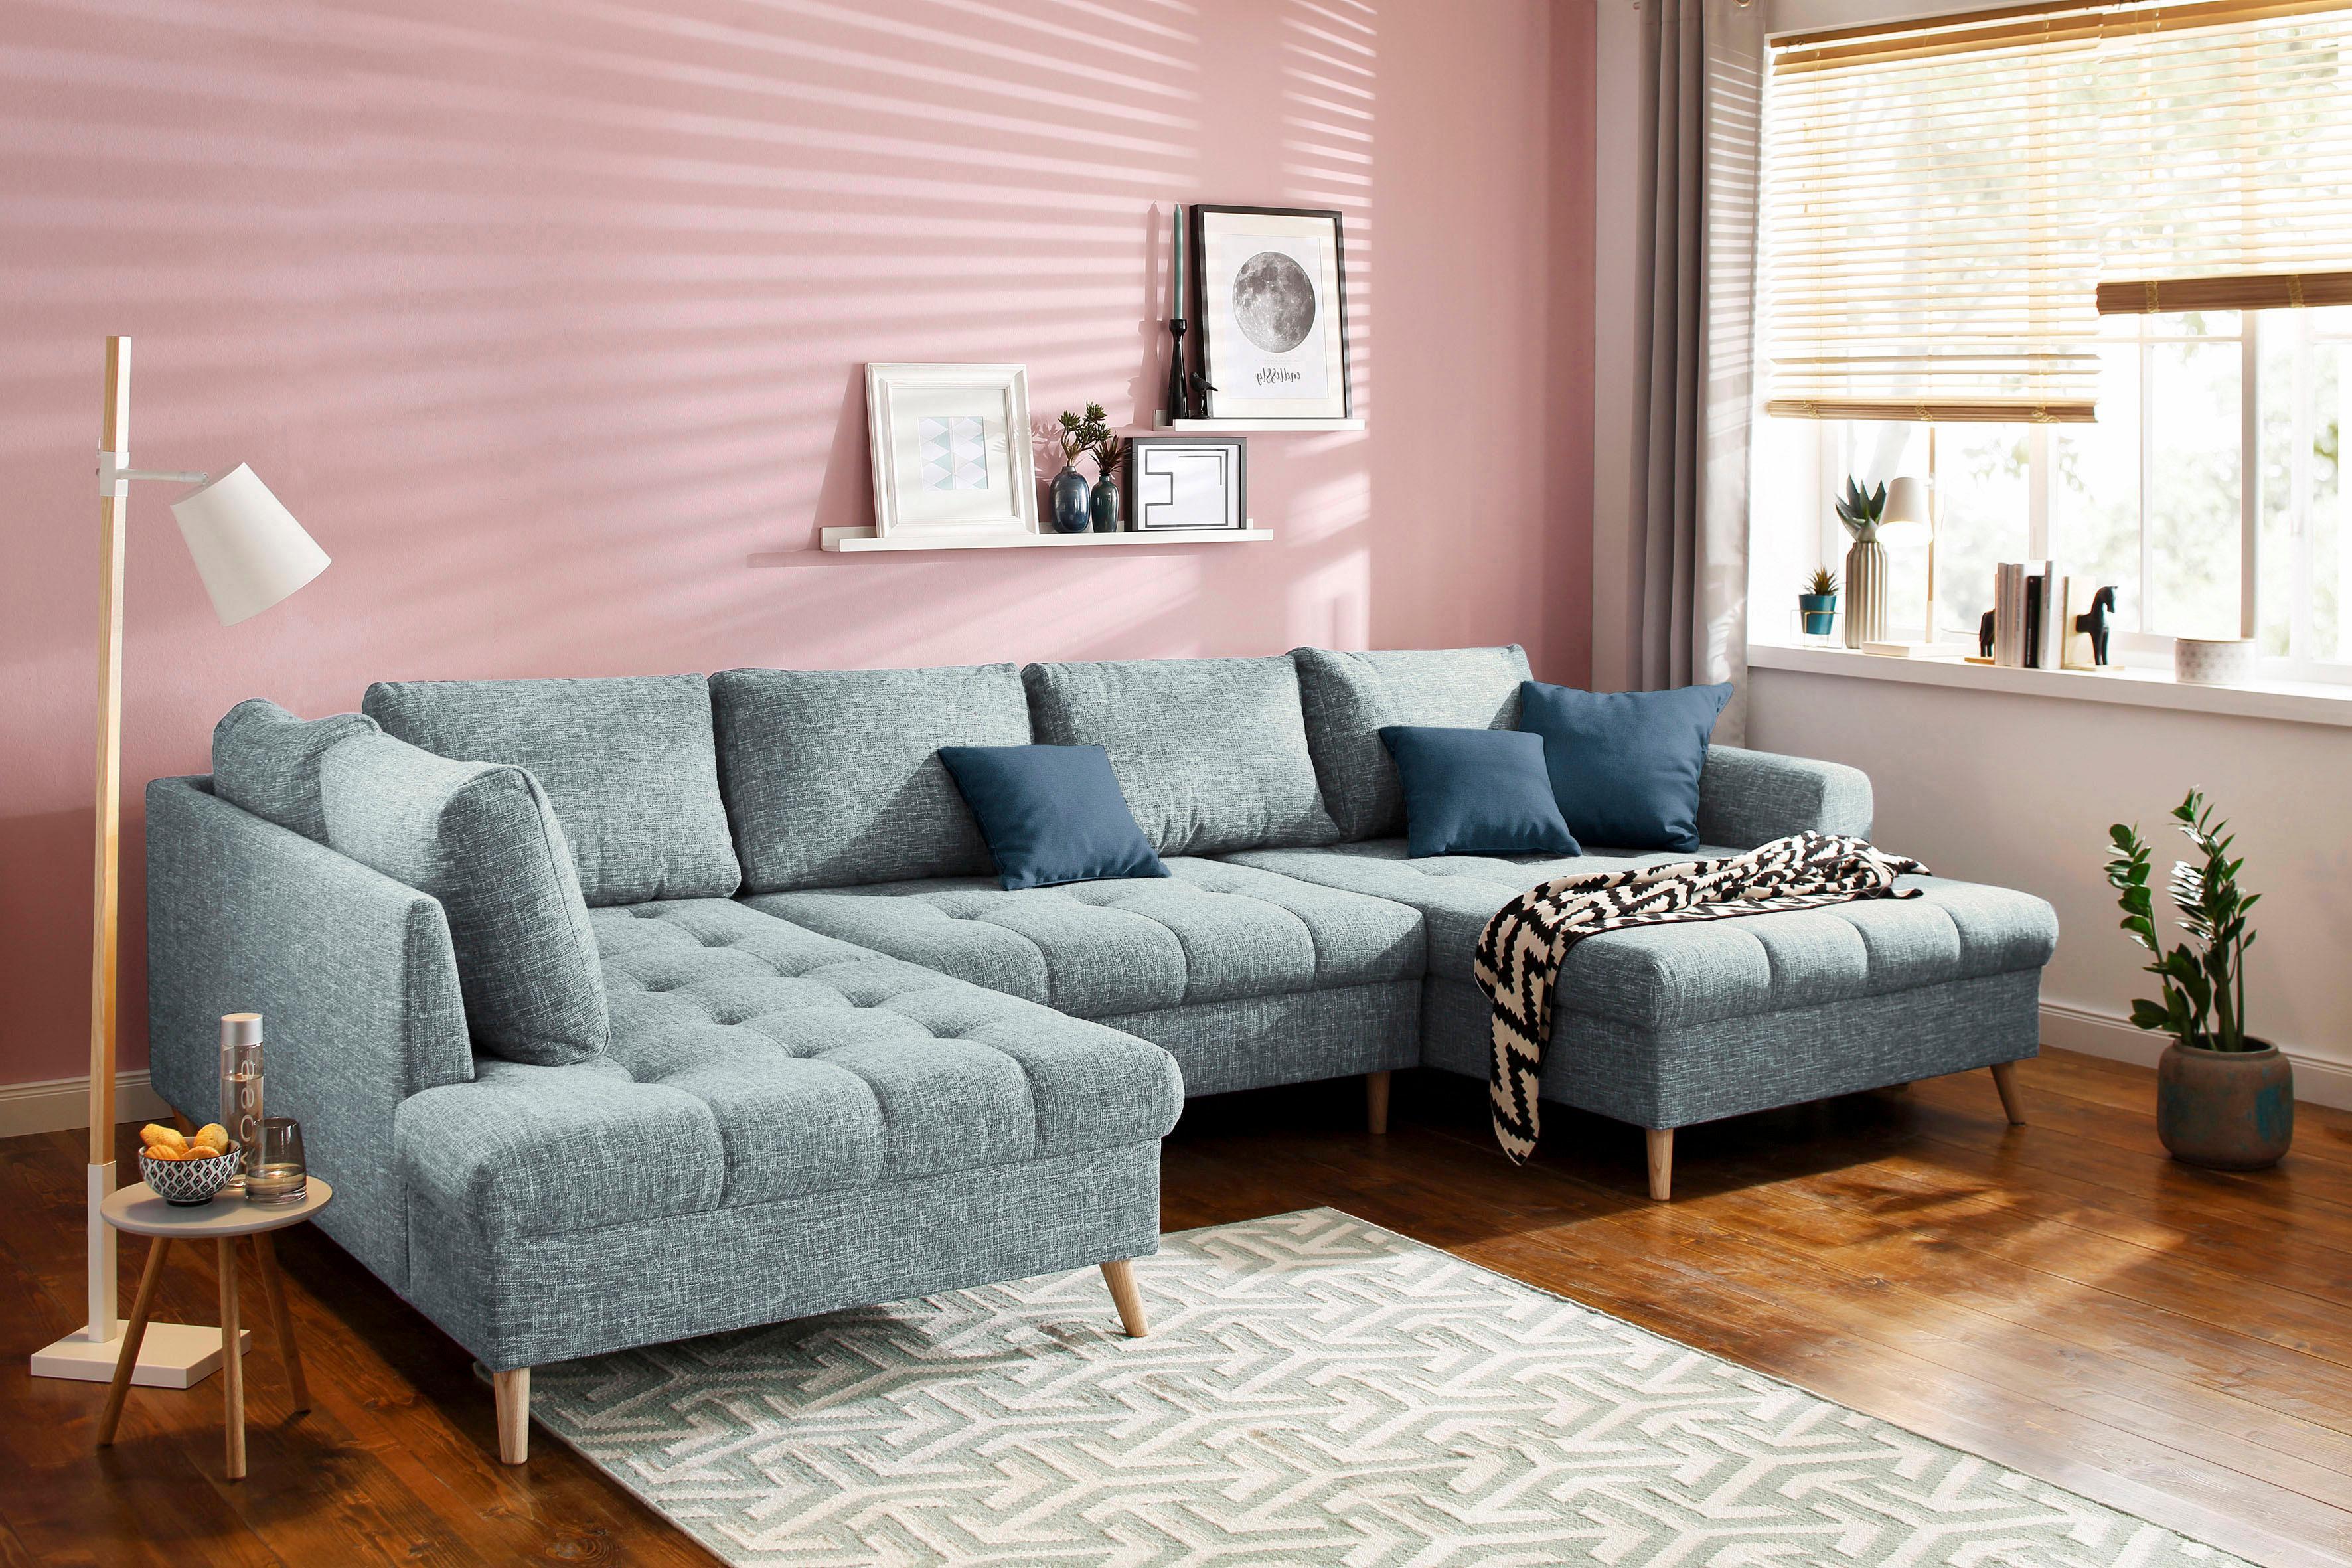 Wohnzimmer Ecksofas Eckco Sofas Couches Online Kaufen Mobel